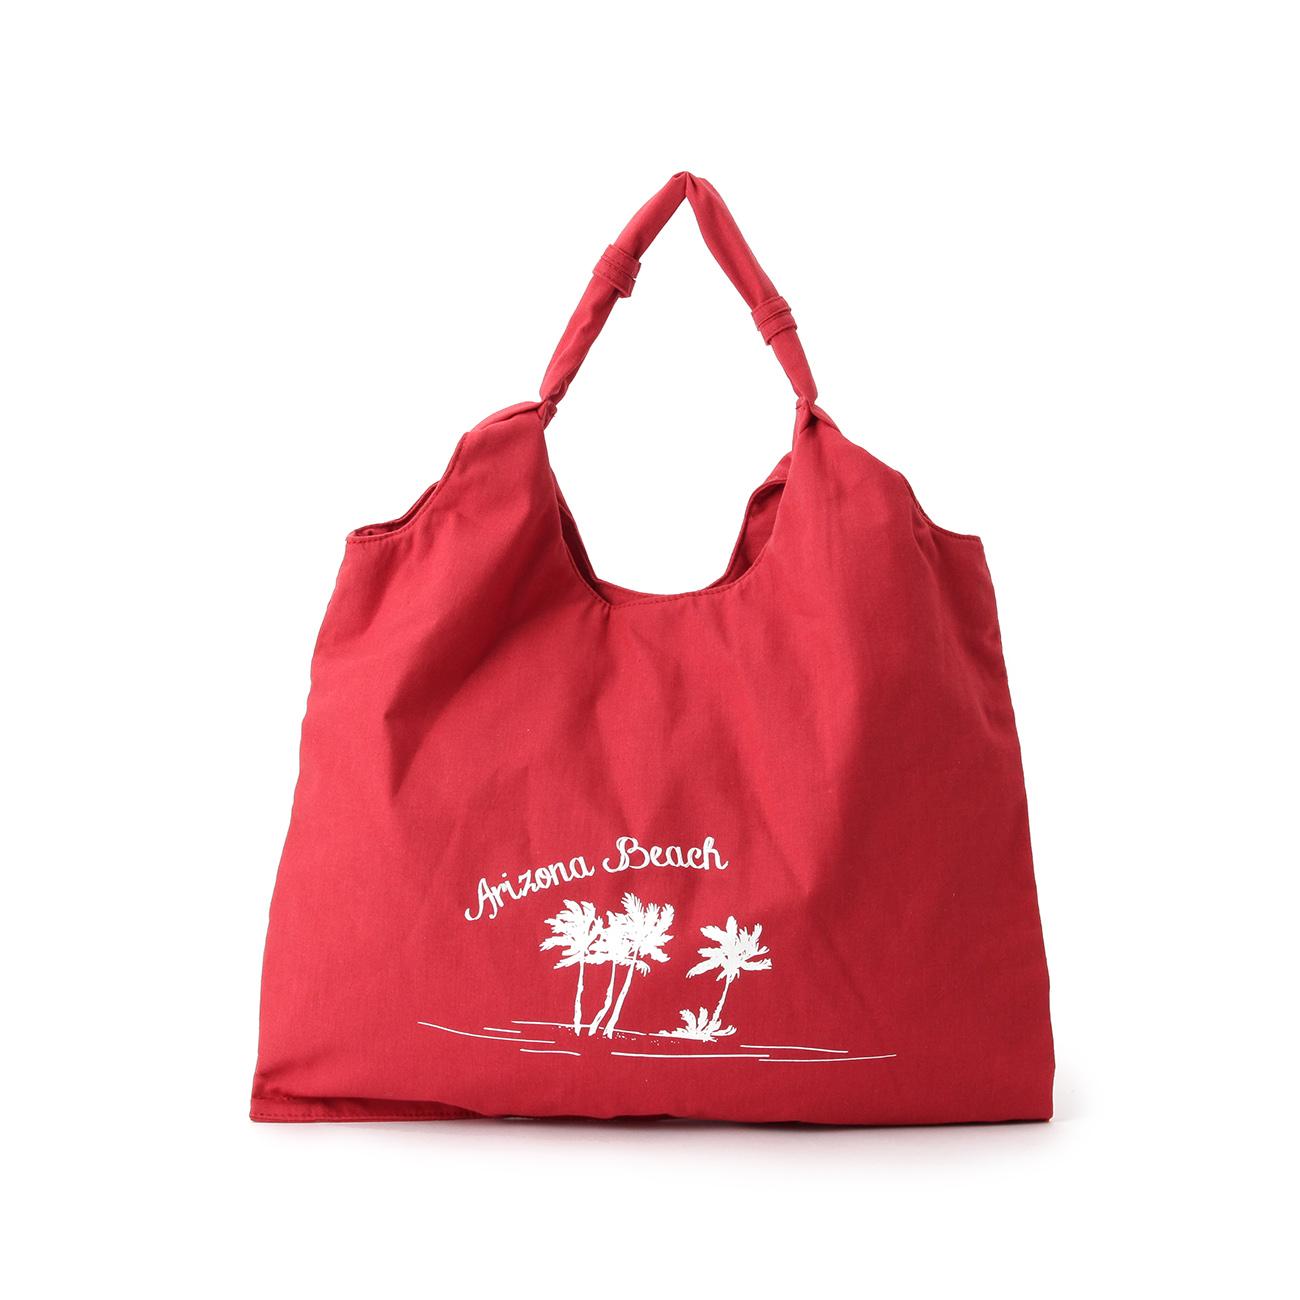 【THE EMPORIUM (ジエンポリアム)】サマーキャンバストートレディース バッグ|トートバッグ レッド